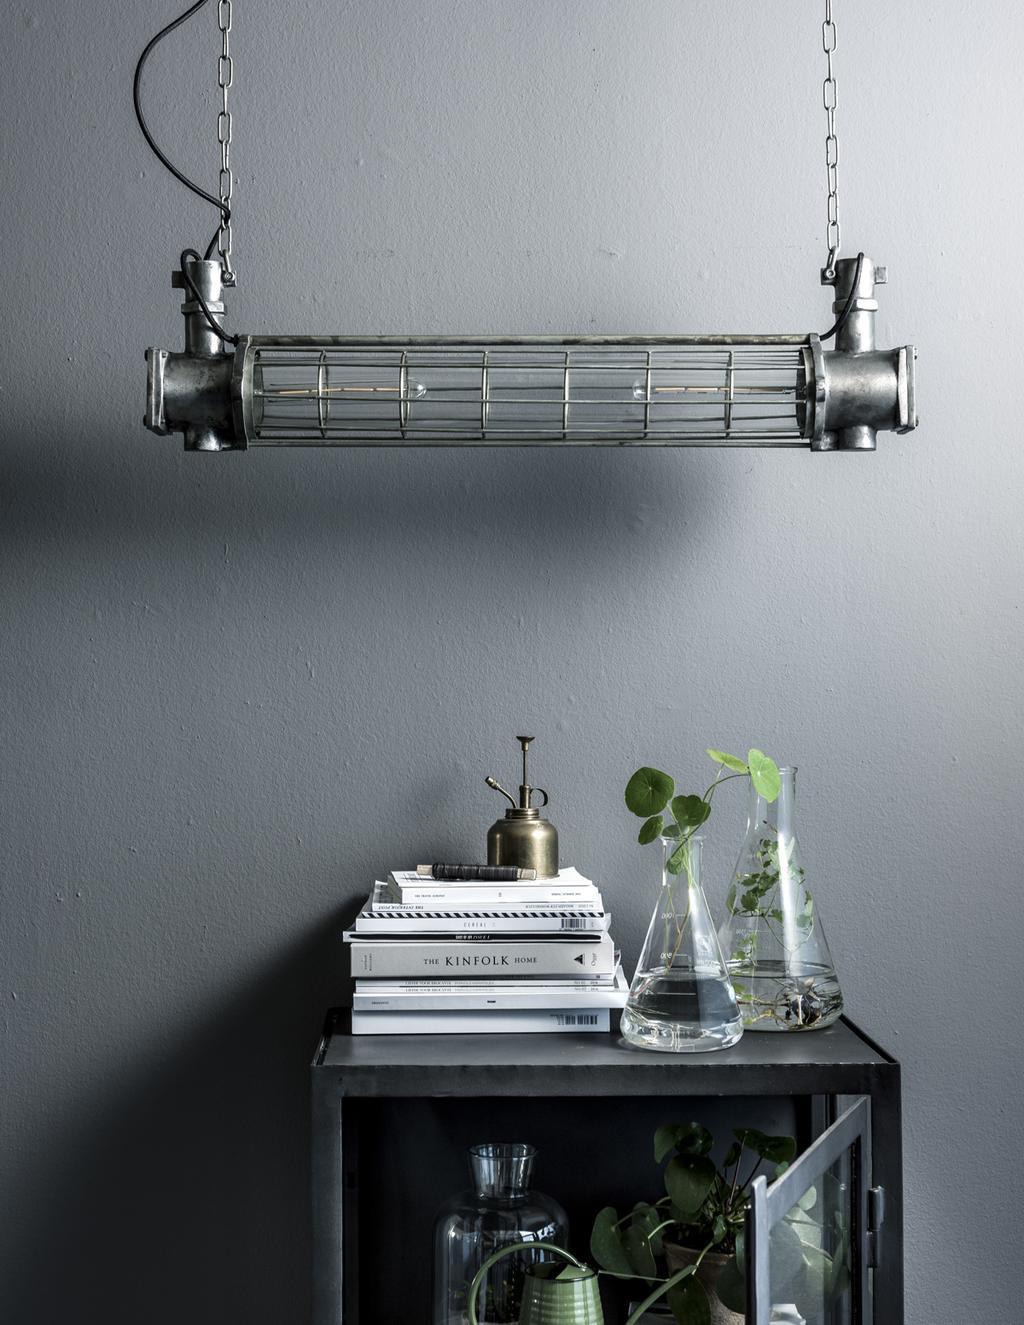 Om de ruimte gezelliger te maken, kun je wat extra accentverlichting (ook wel decoratieverlichting) toevoegen.